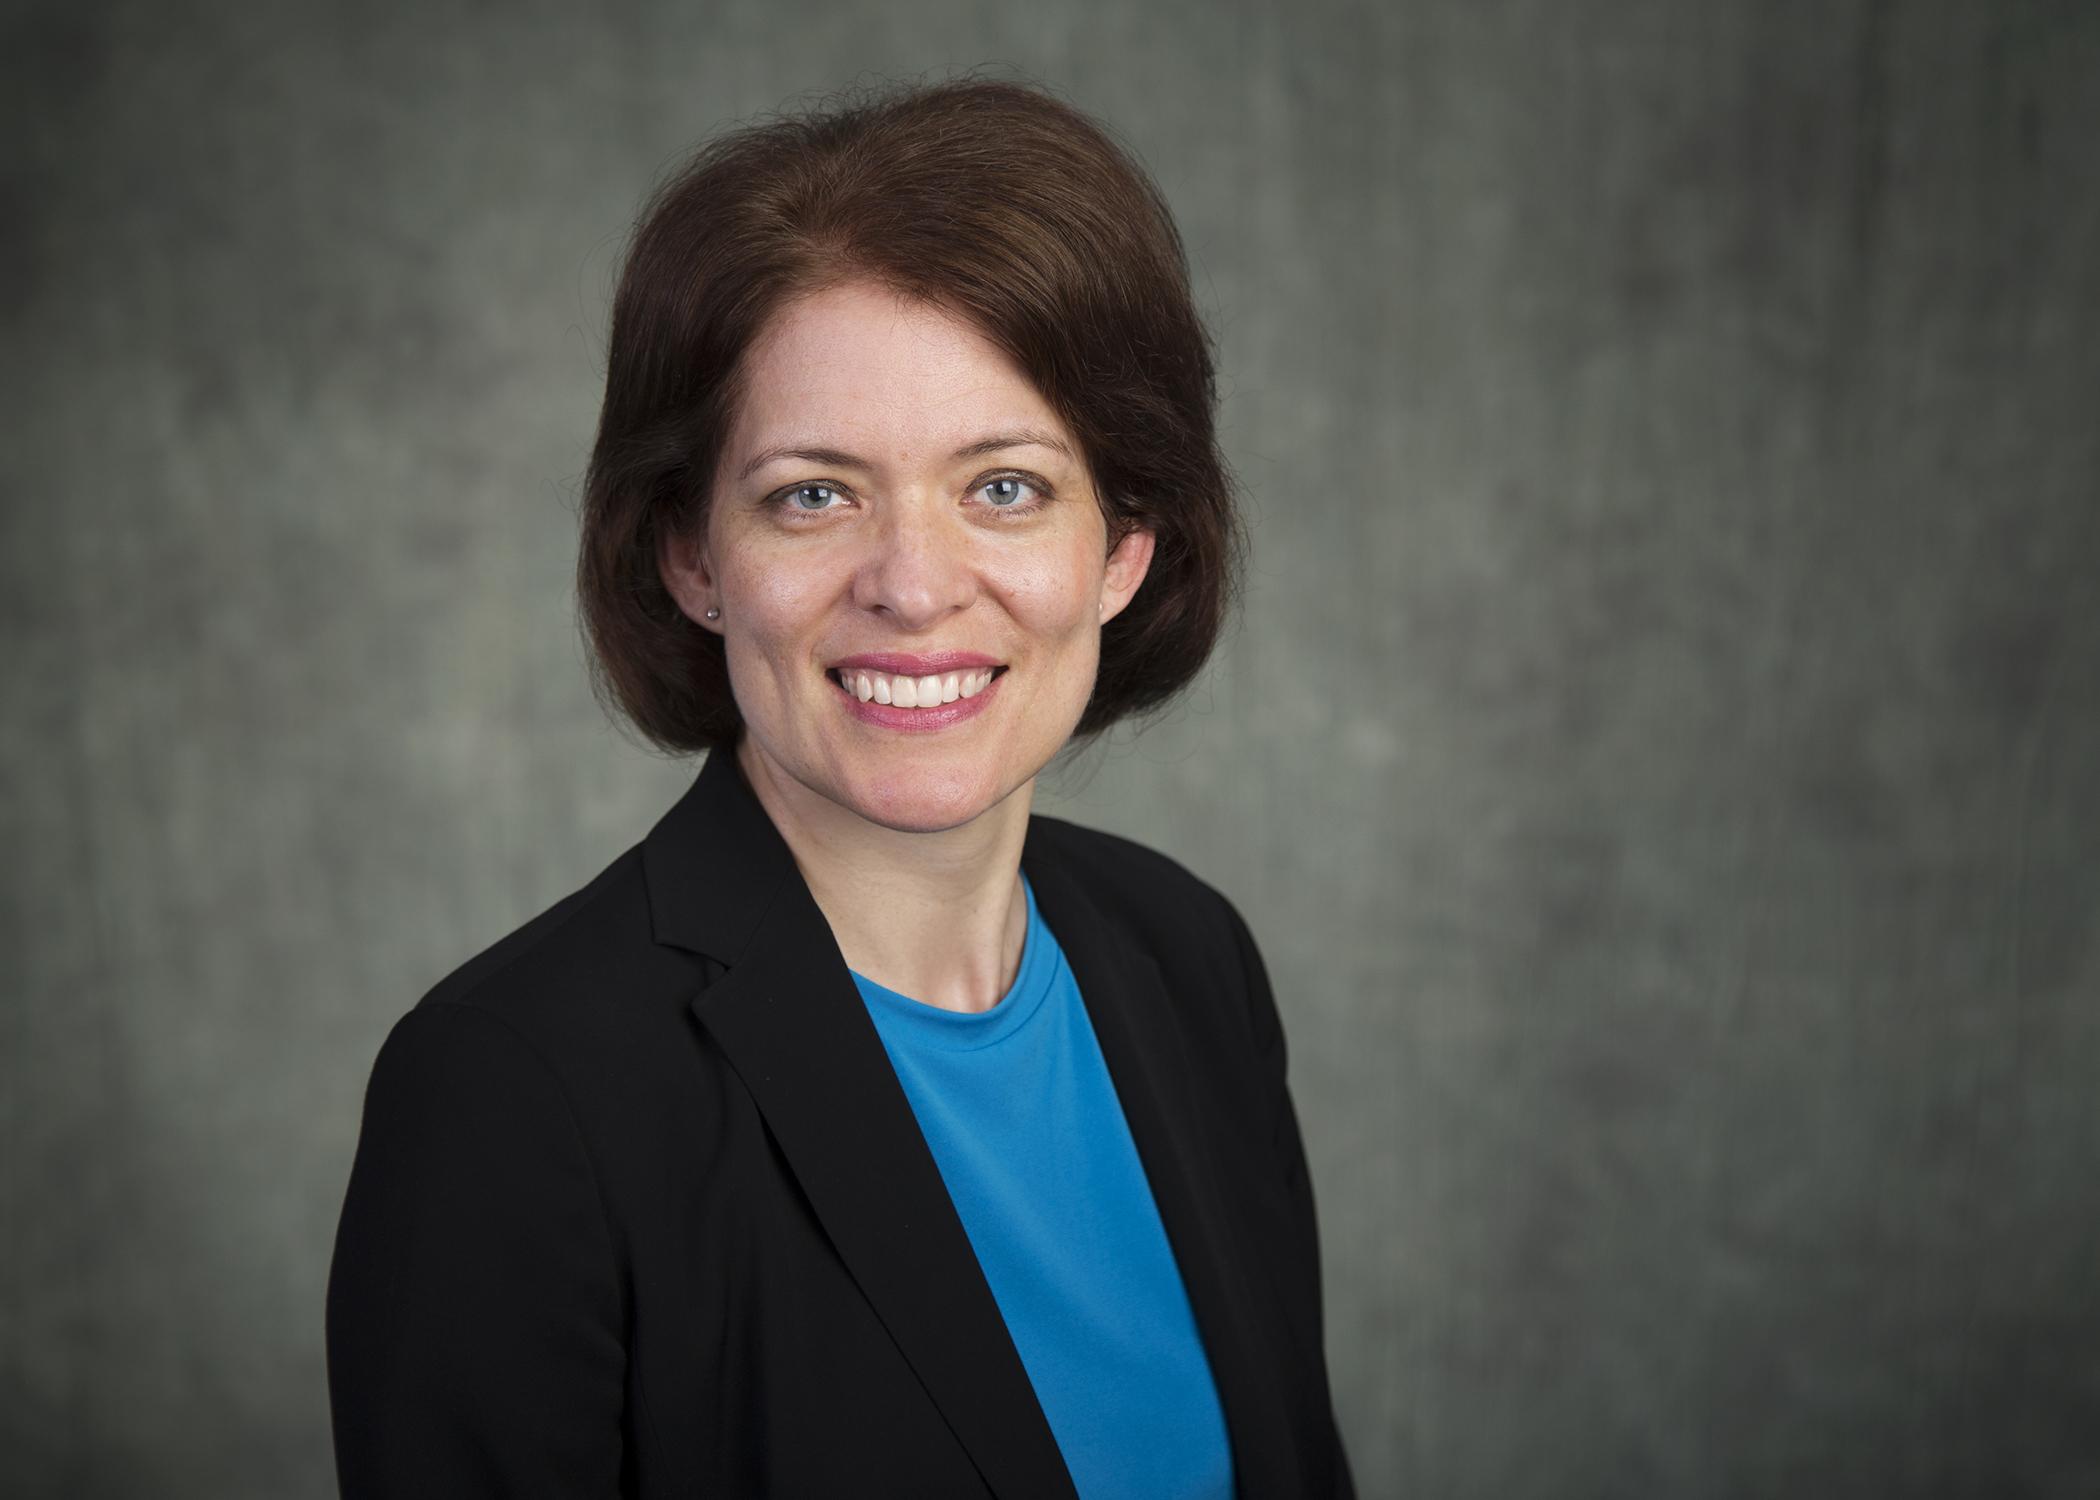 Susan Pari